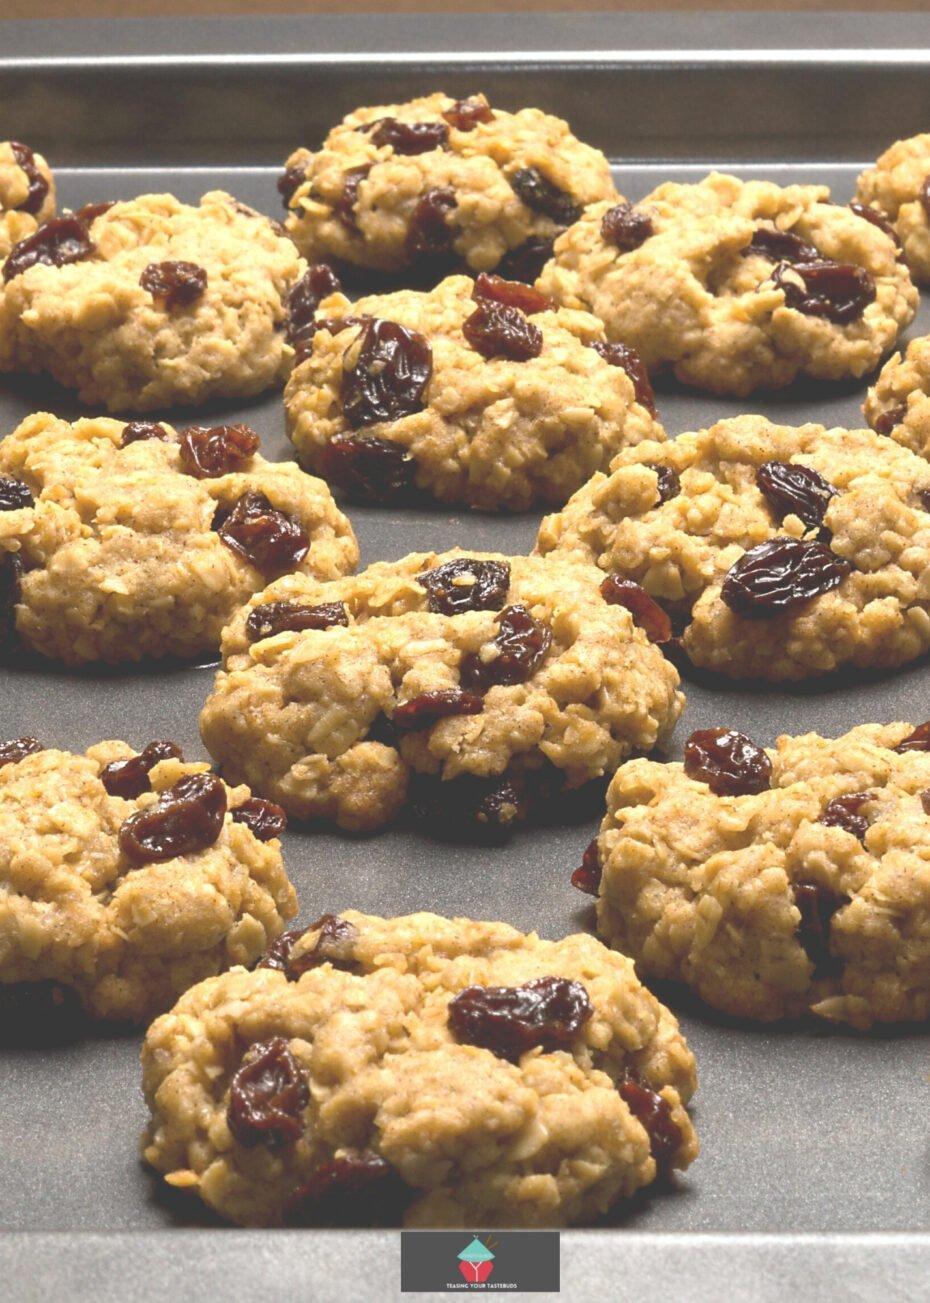 Oatmeal Raisin Cookies, on baking sheet